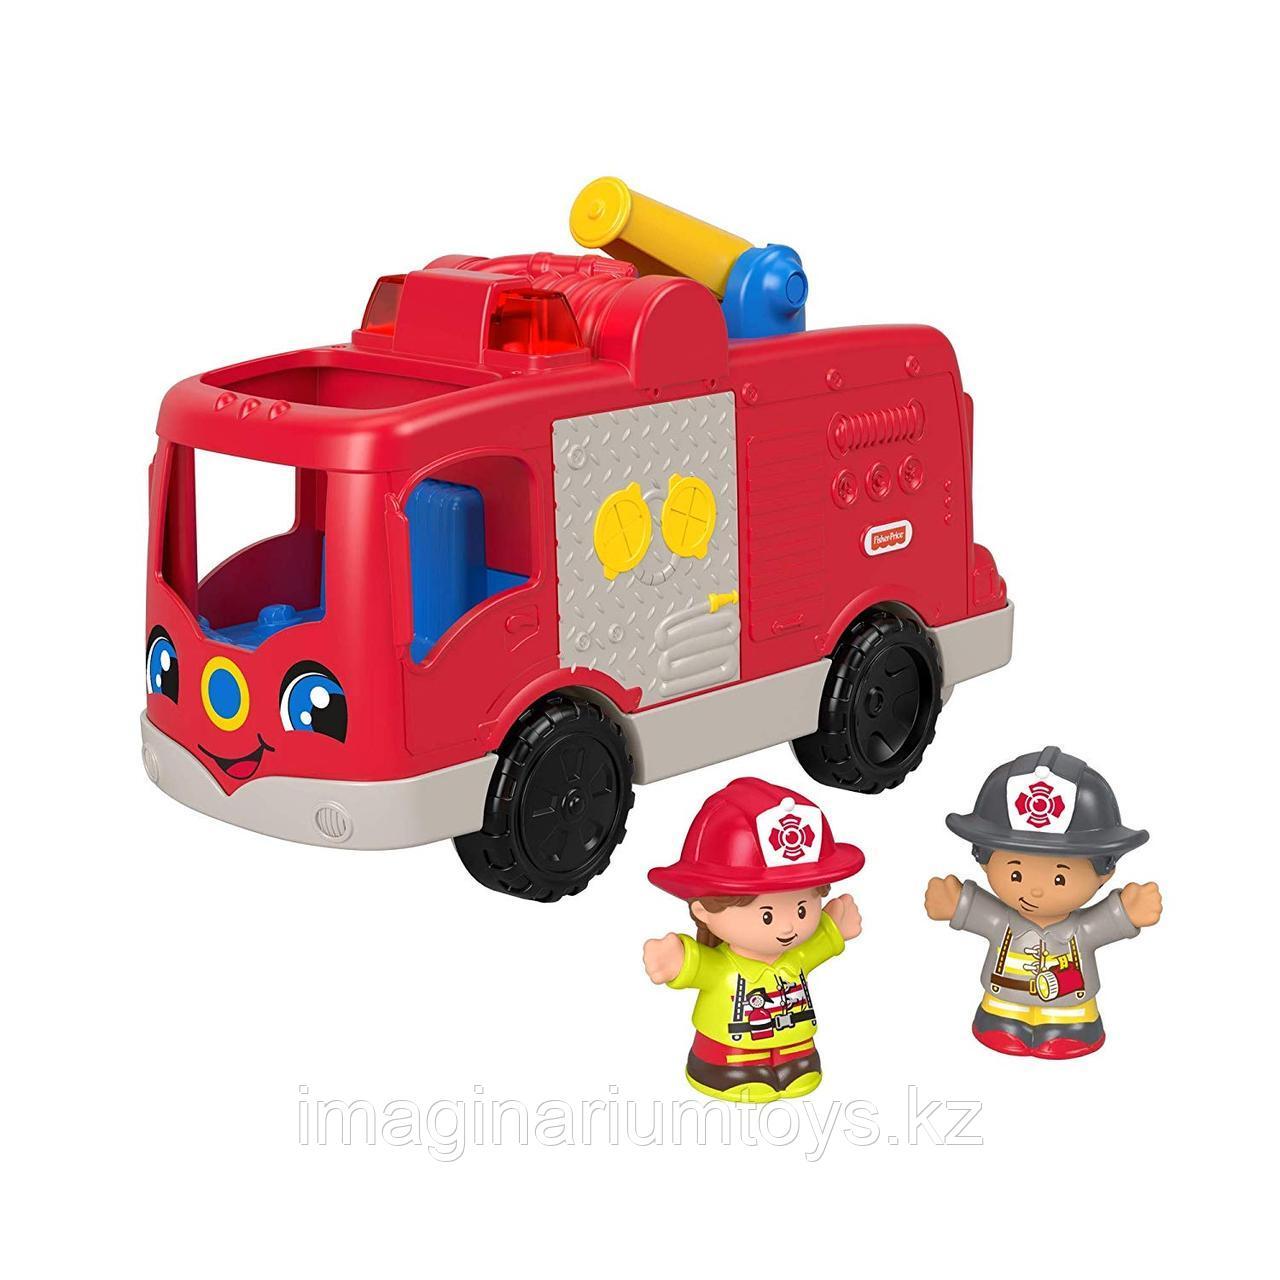 Игрушка для детей «Пожарная машина» со звуком и светом